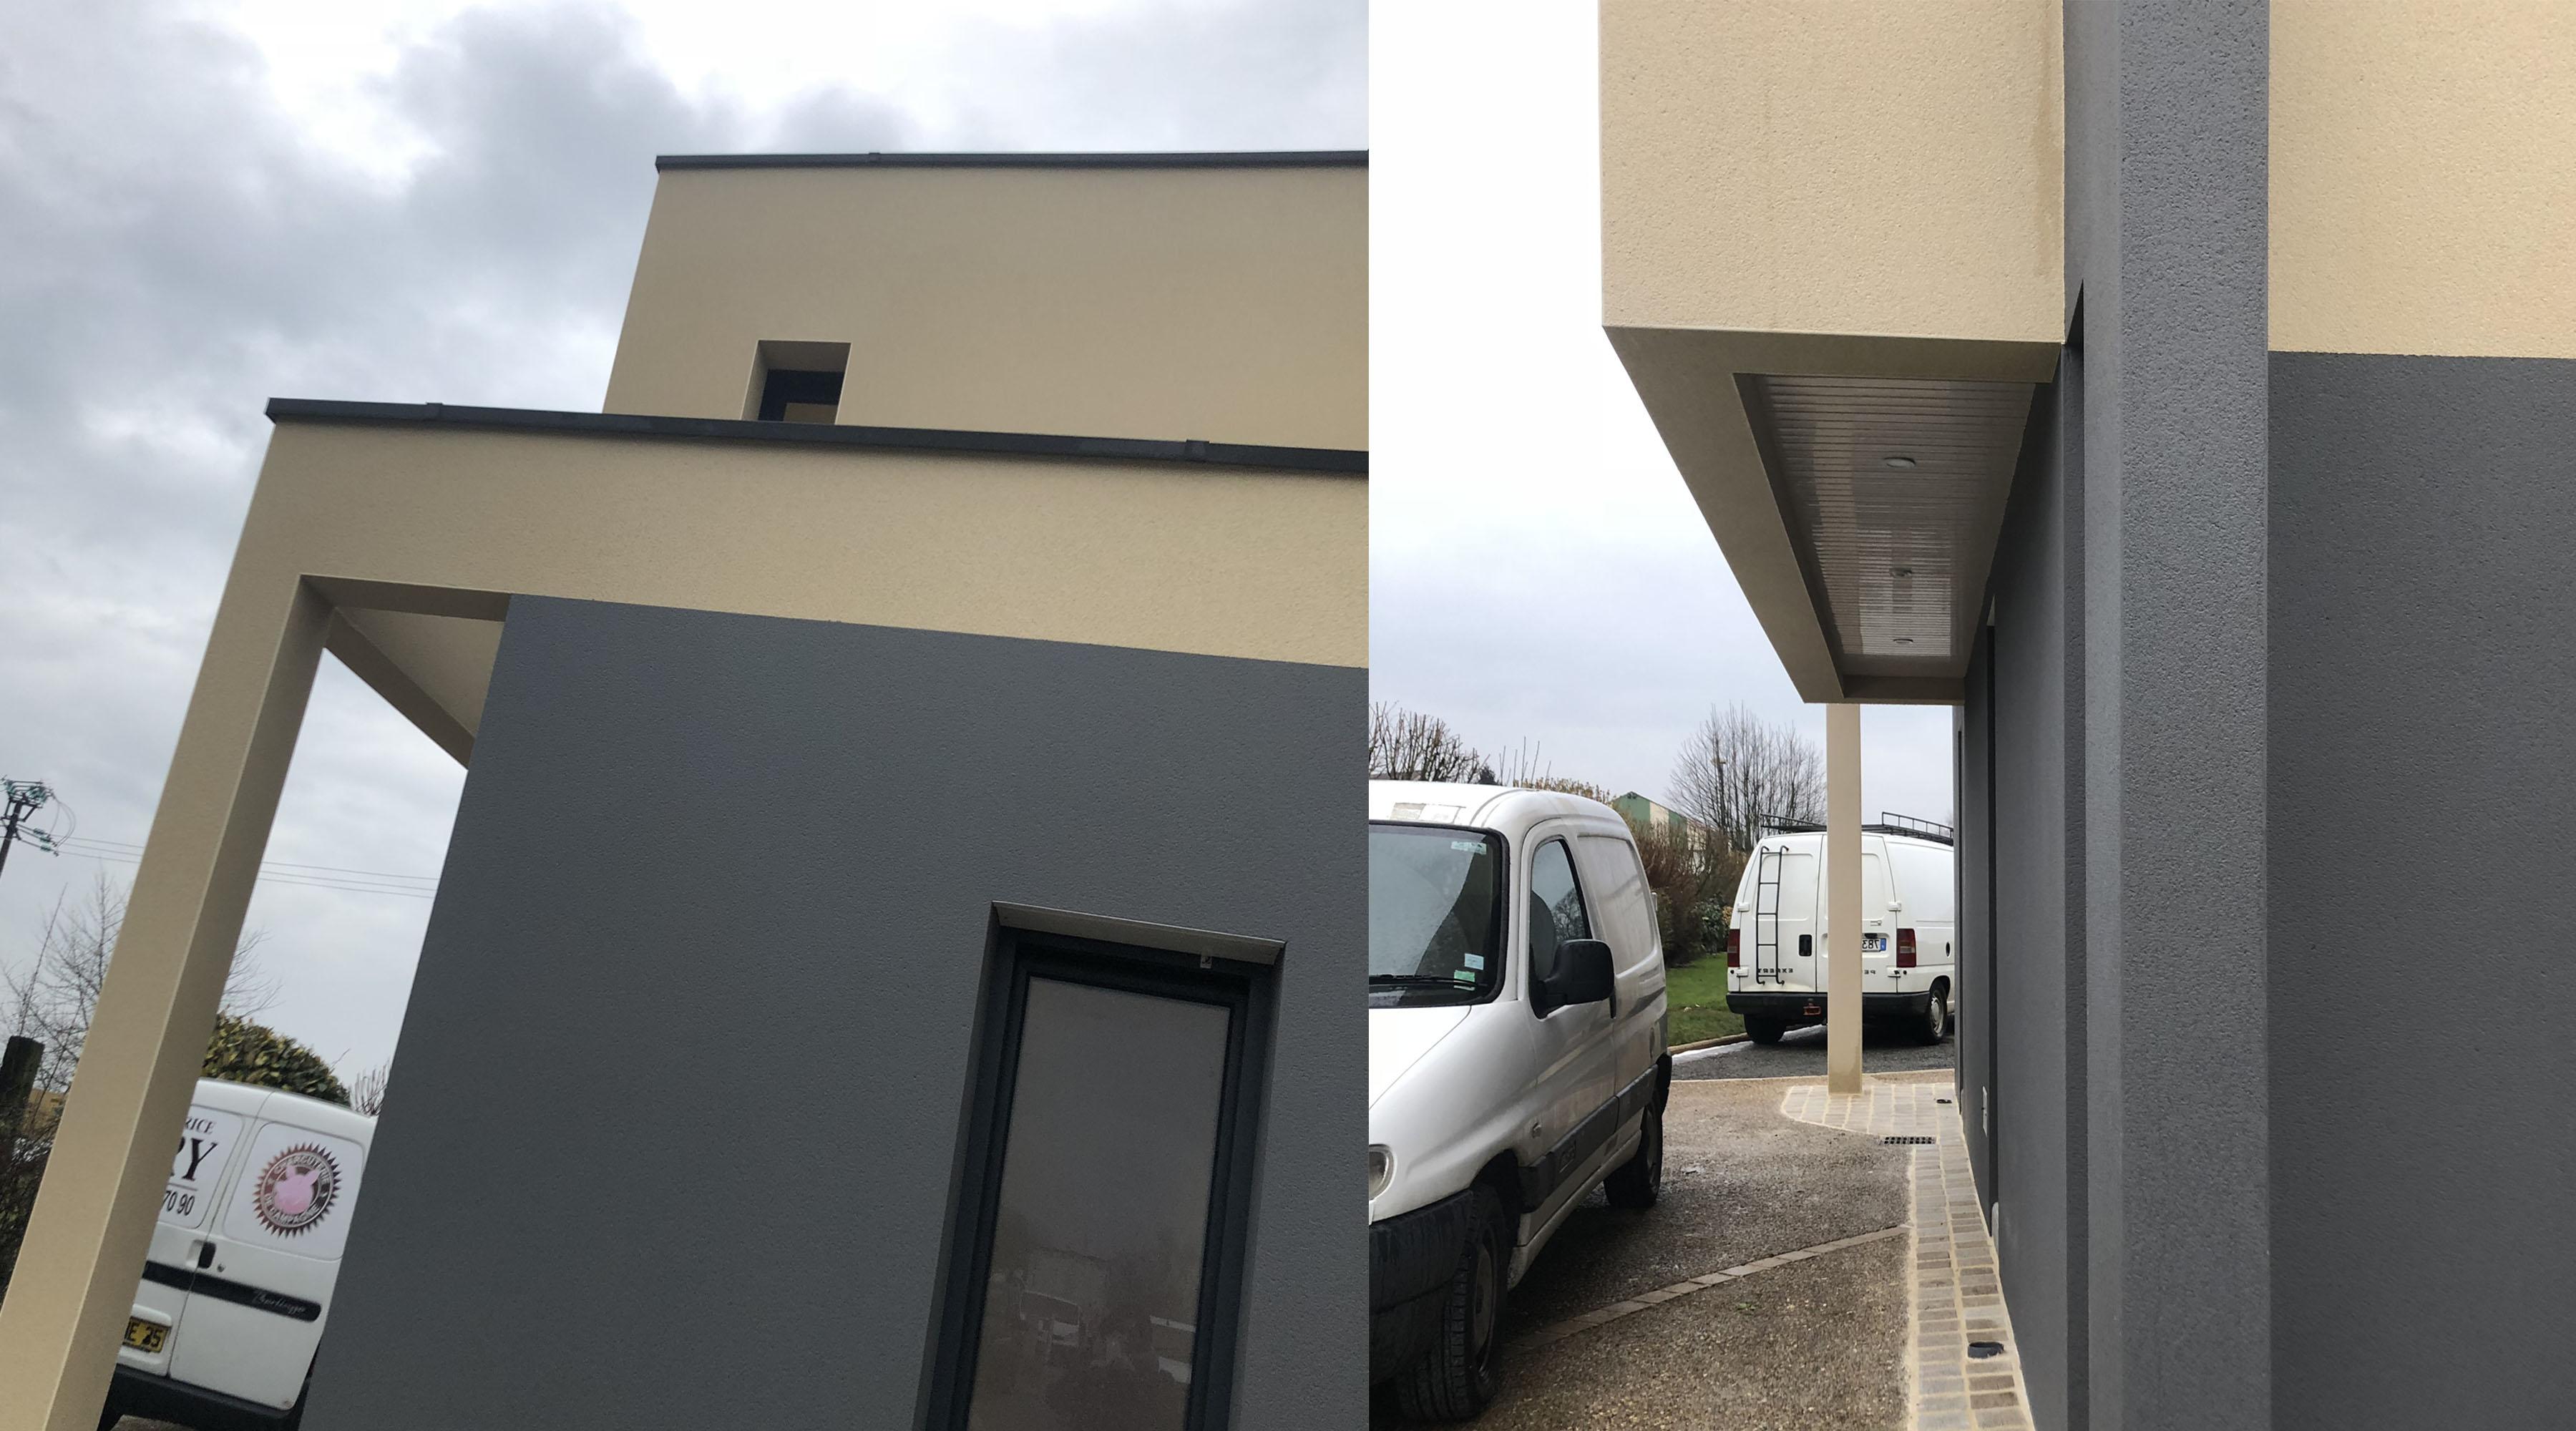 Projet oo sjv 1 2 vue architecte lise roturier for Extension maison 2018